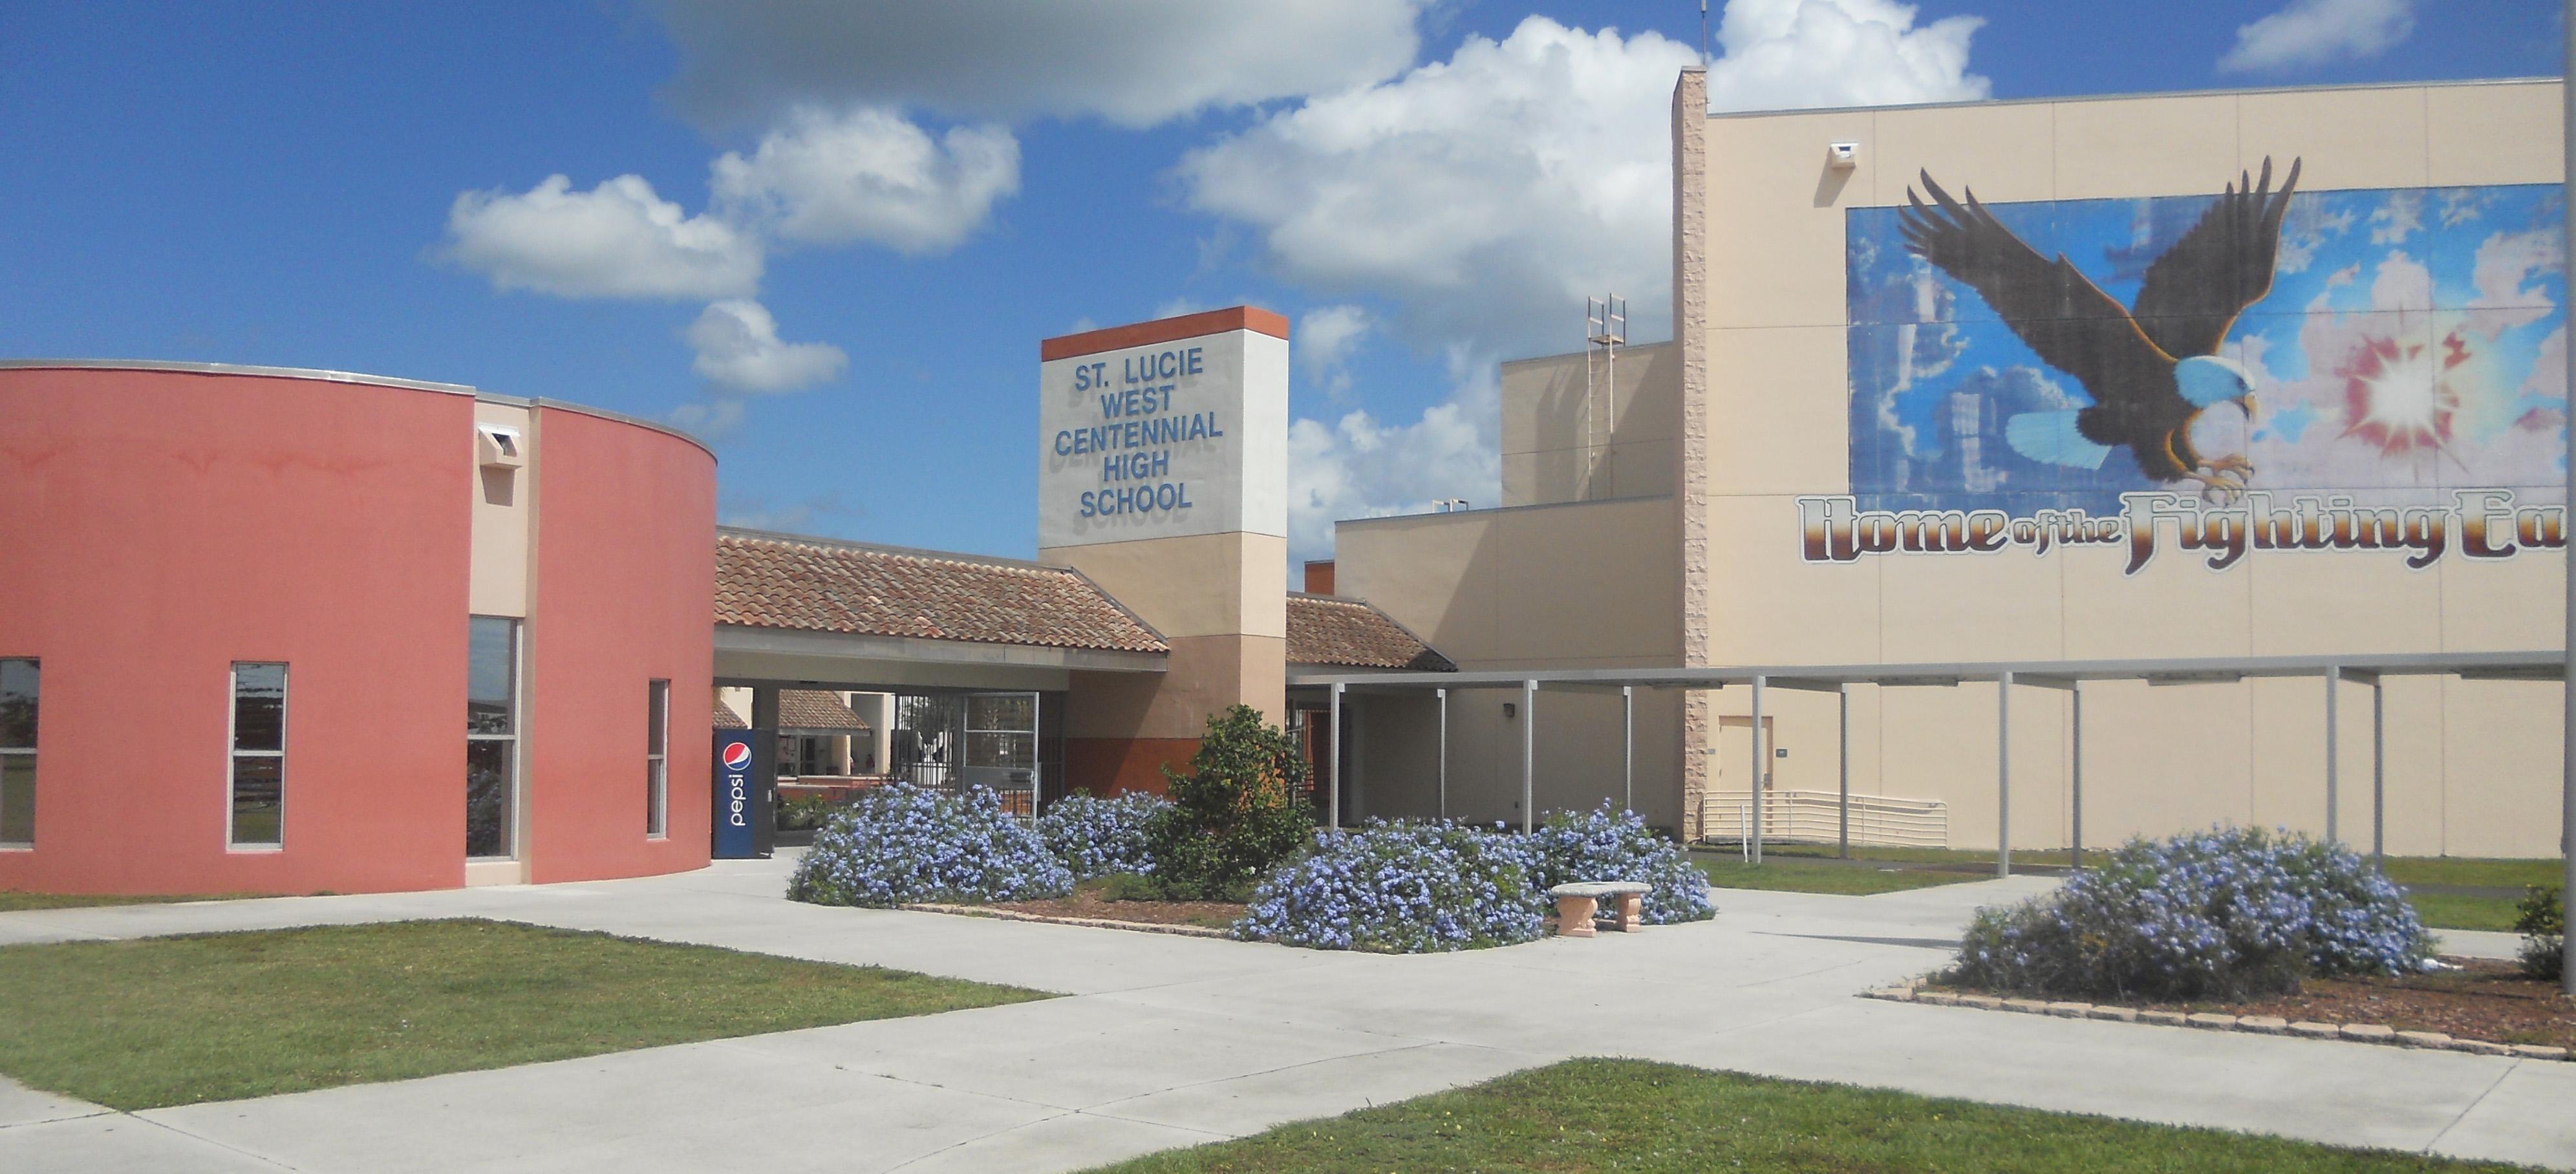 St. Lucie West Centennial High